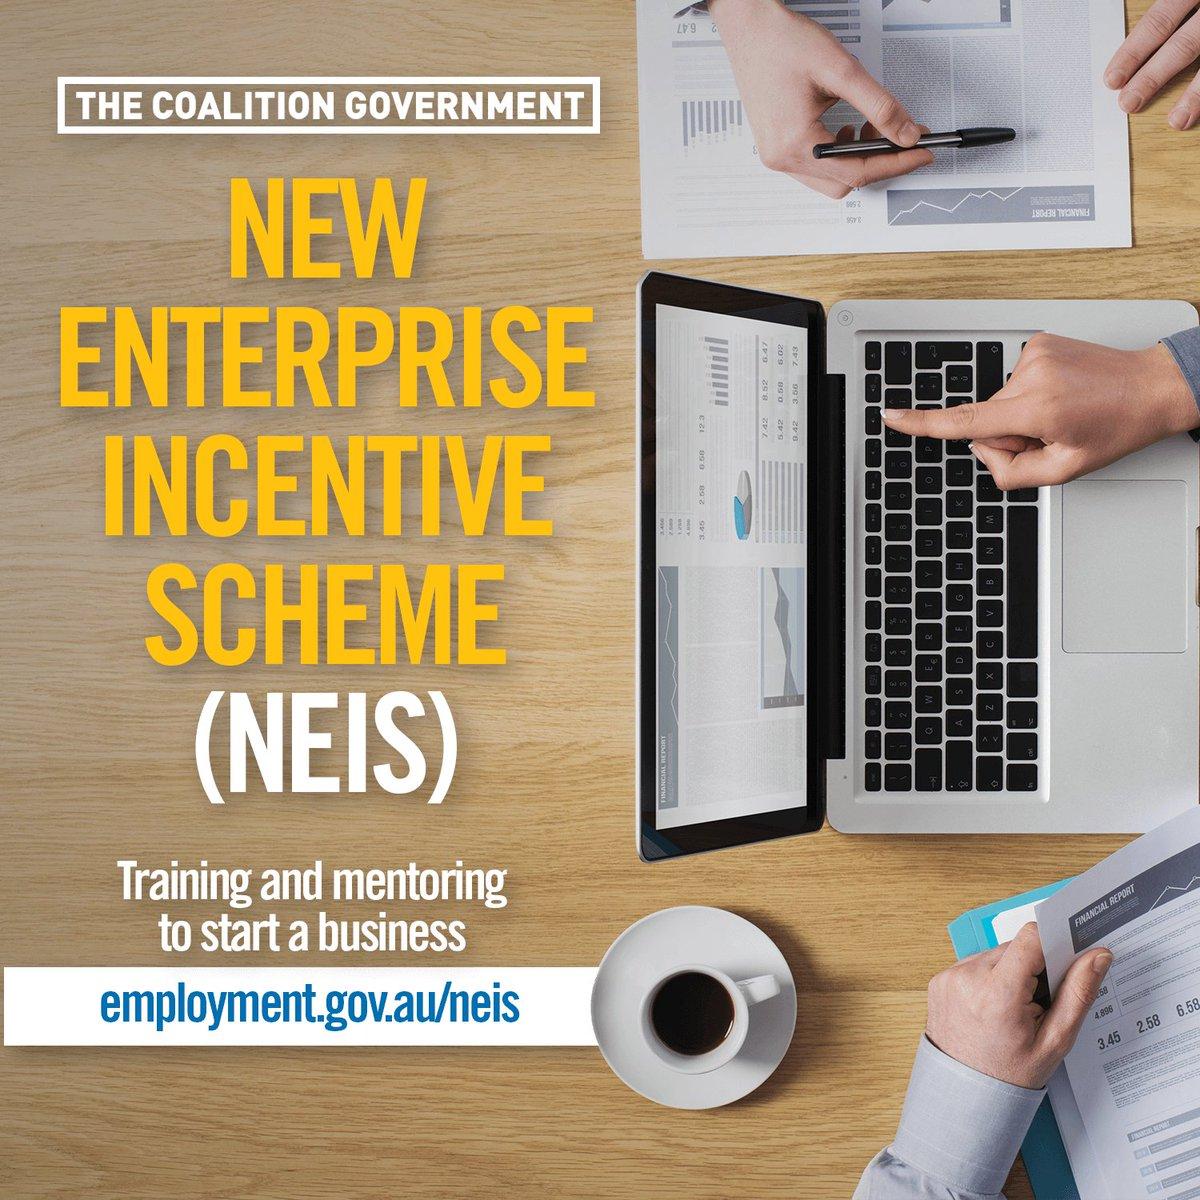 New enterprise incentive scheme training connections australia.